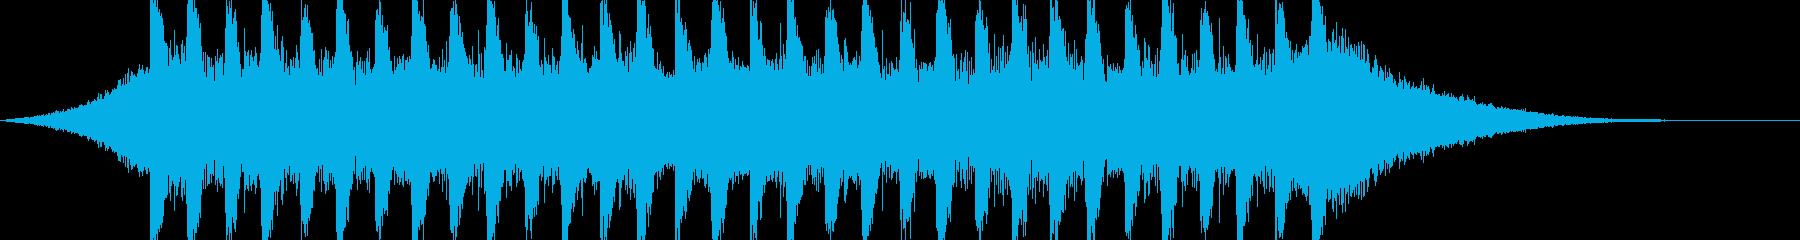 企業VP系17、爽やかギター4つ打ち2cの再生済みの波形